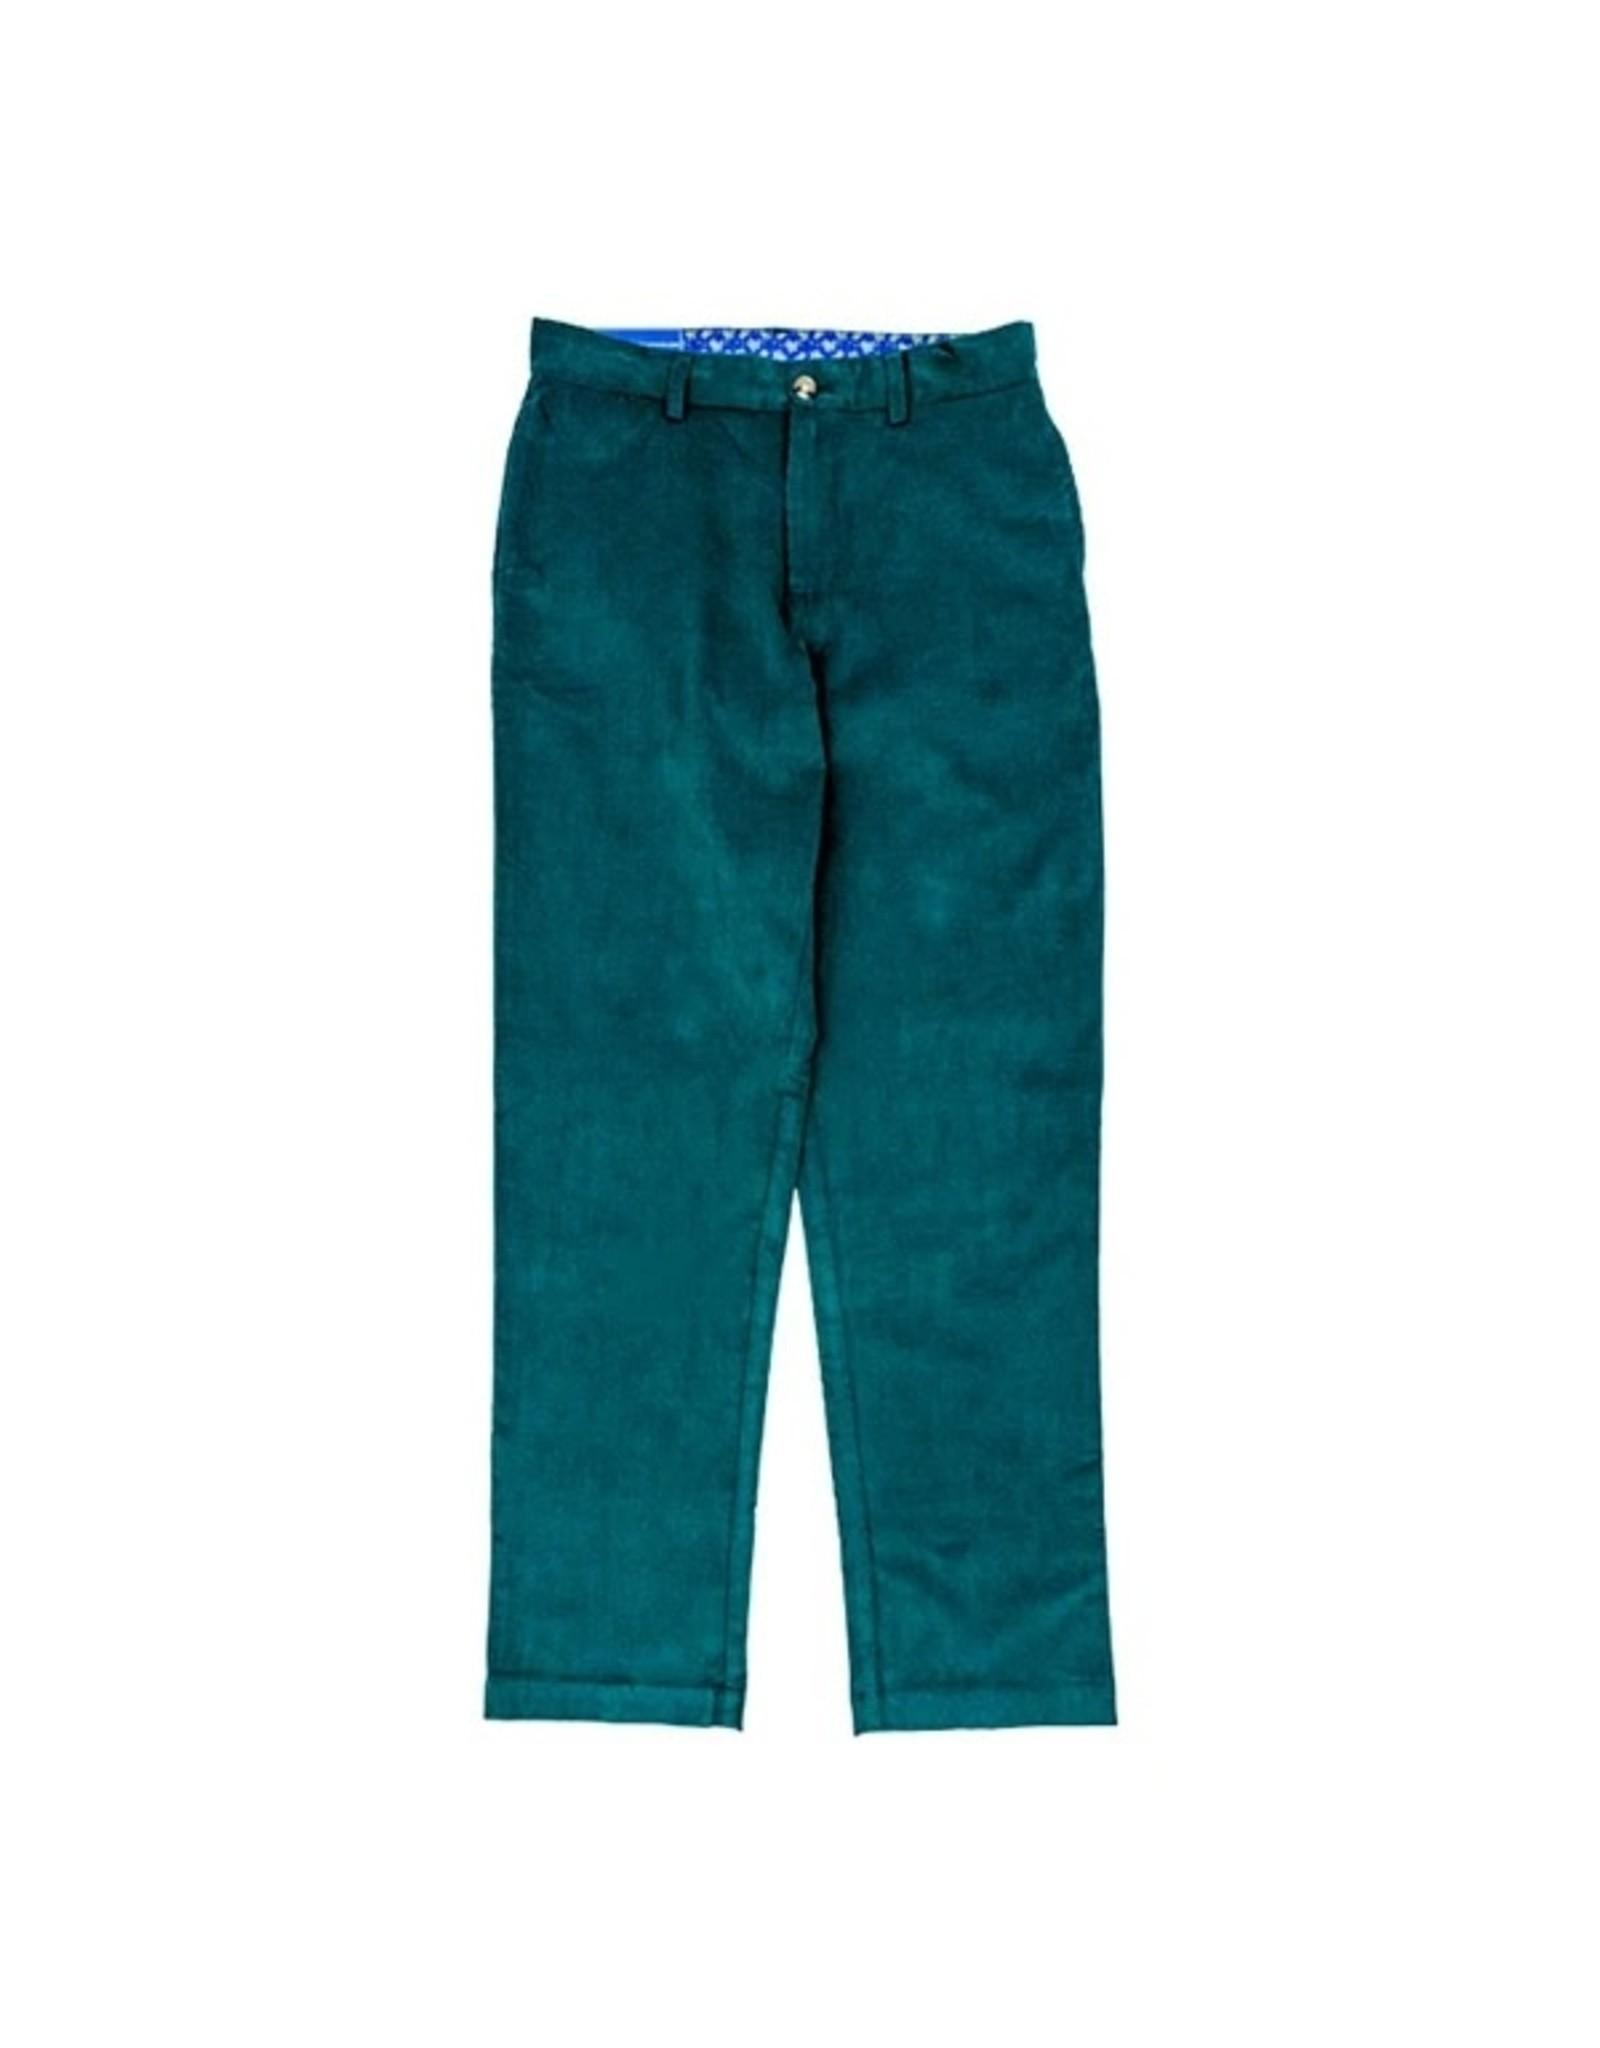 The Bailey Boys Clover Cord Champ Pant